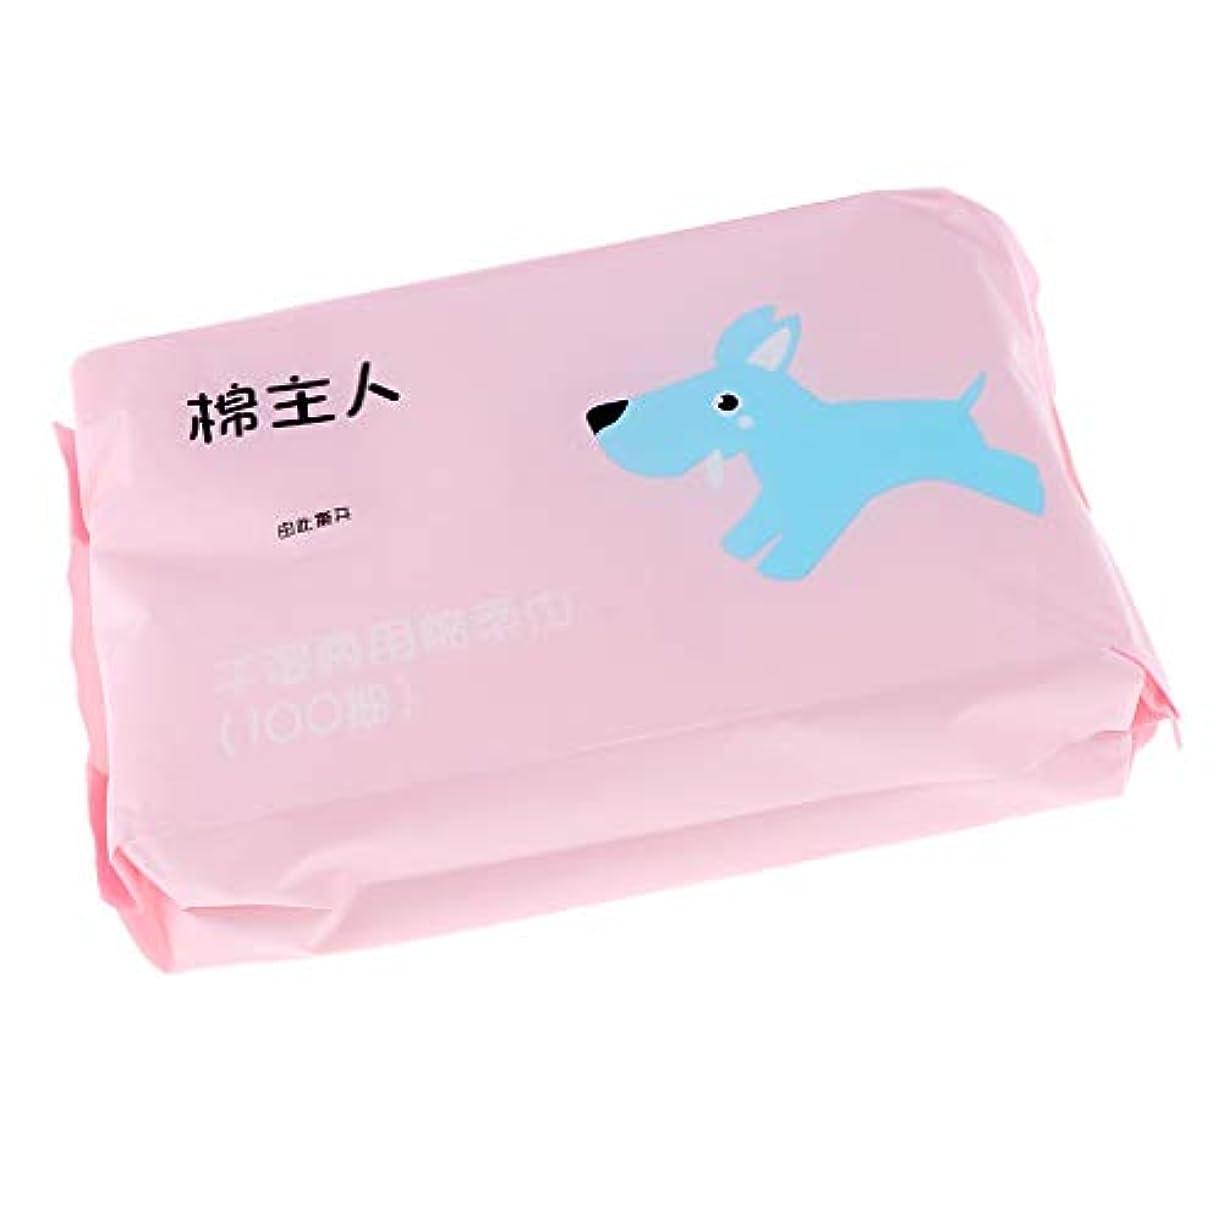 薄汚い信頼できる外部T TOOYFUL 約100枚 使い捨 クレンジングシート クリーニング フェイス タオル ソフト 敏感肌適用 全2色 - ピンク